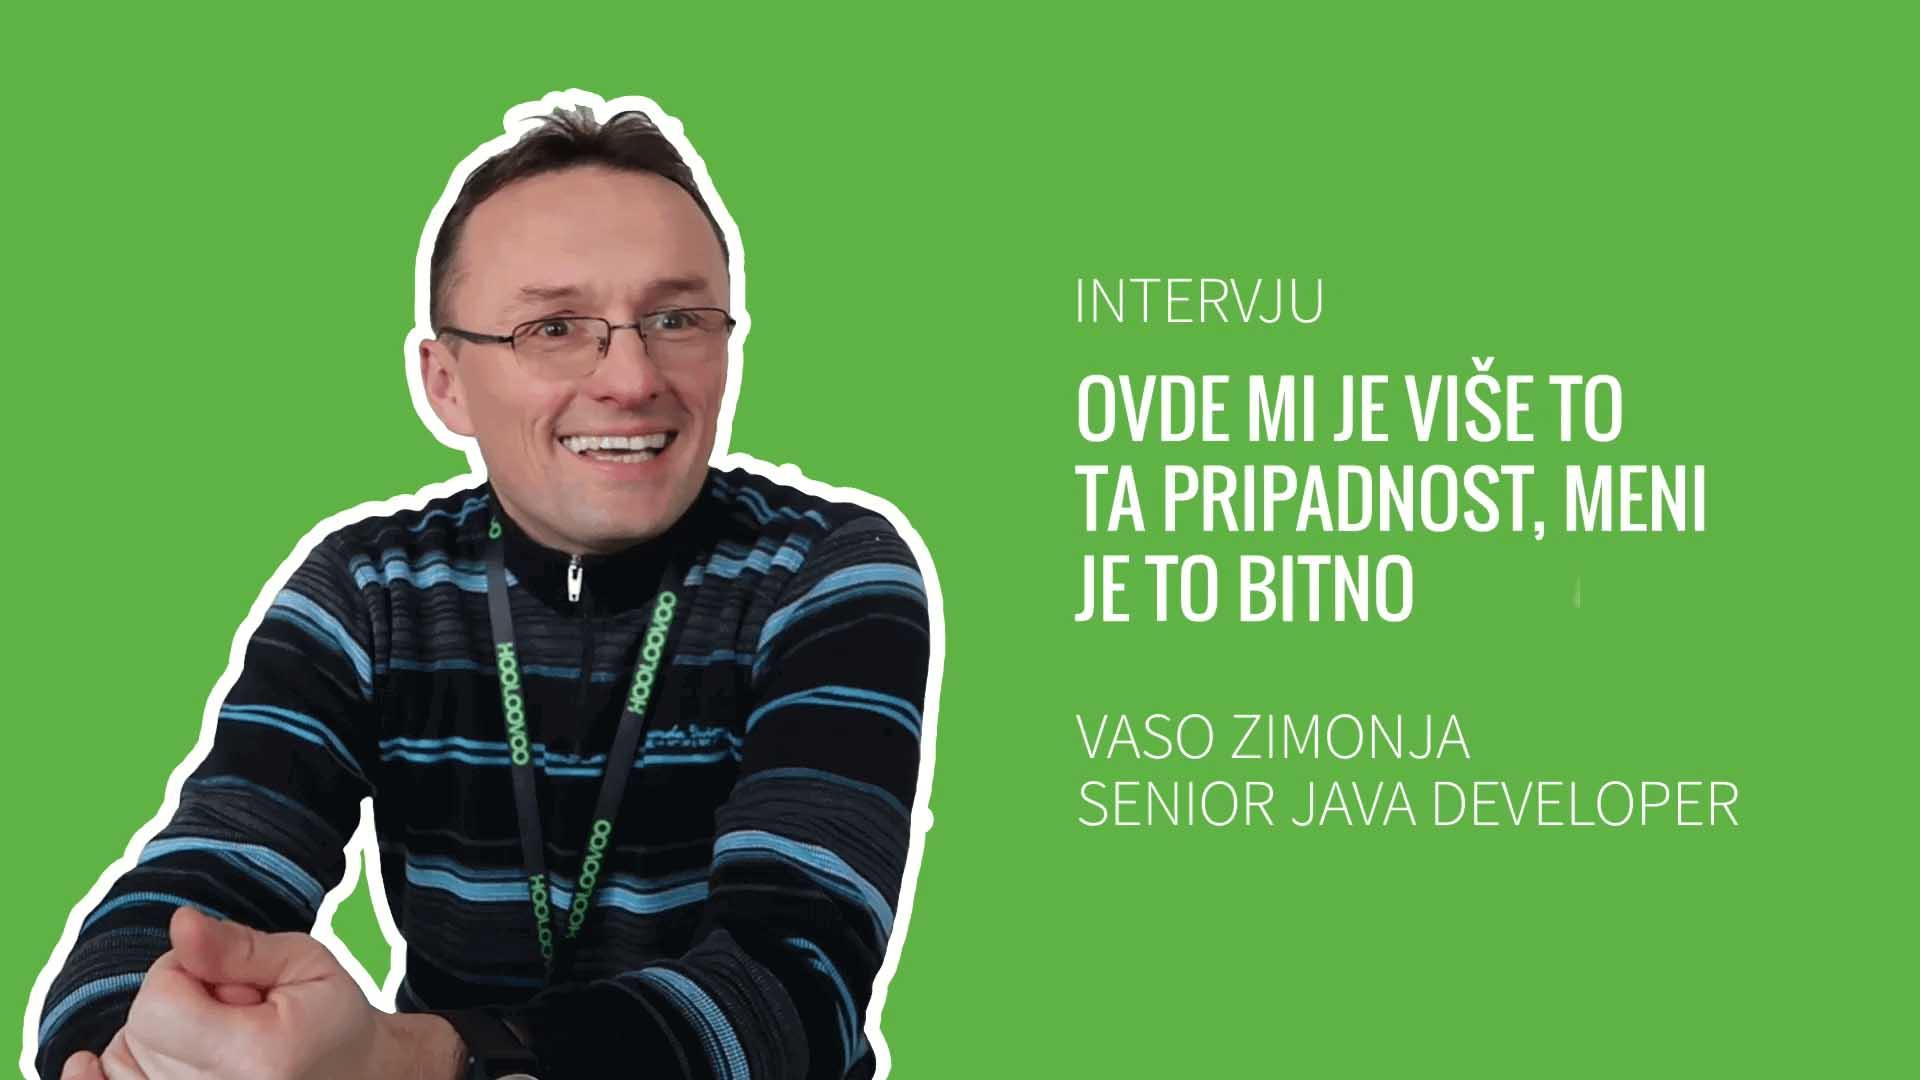 INTERVJU :  Vaso Zimonja